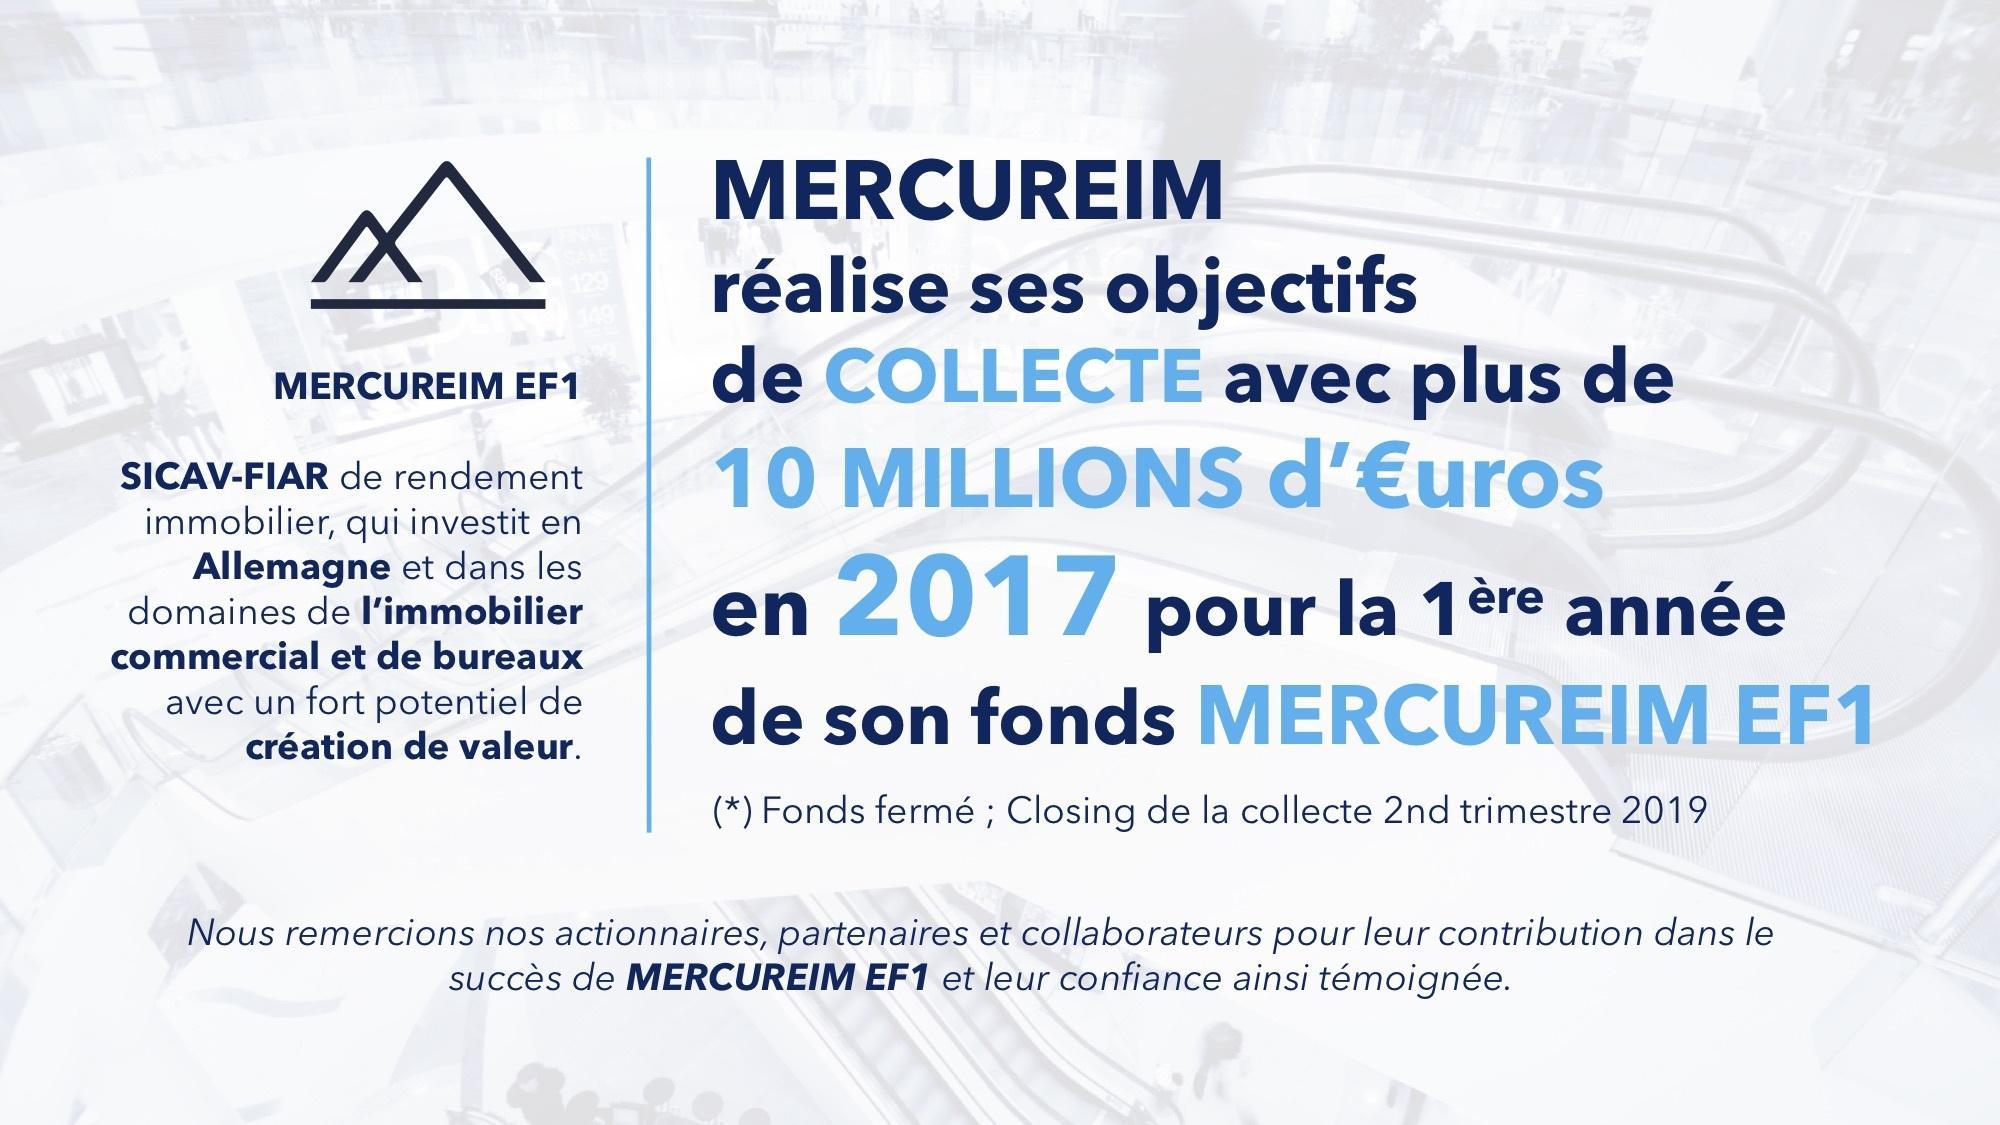 Mercureim réalise une collecte de plus de 10 Millions euros en 2017 pour son fonds MERCUREIM EF1 .